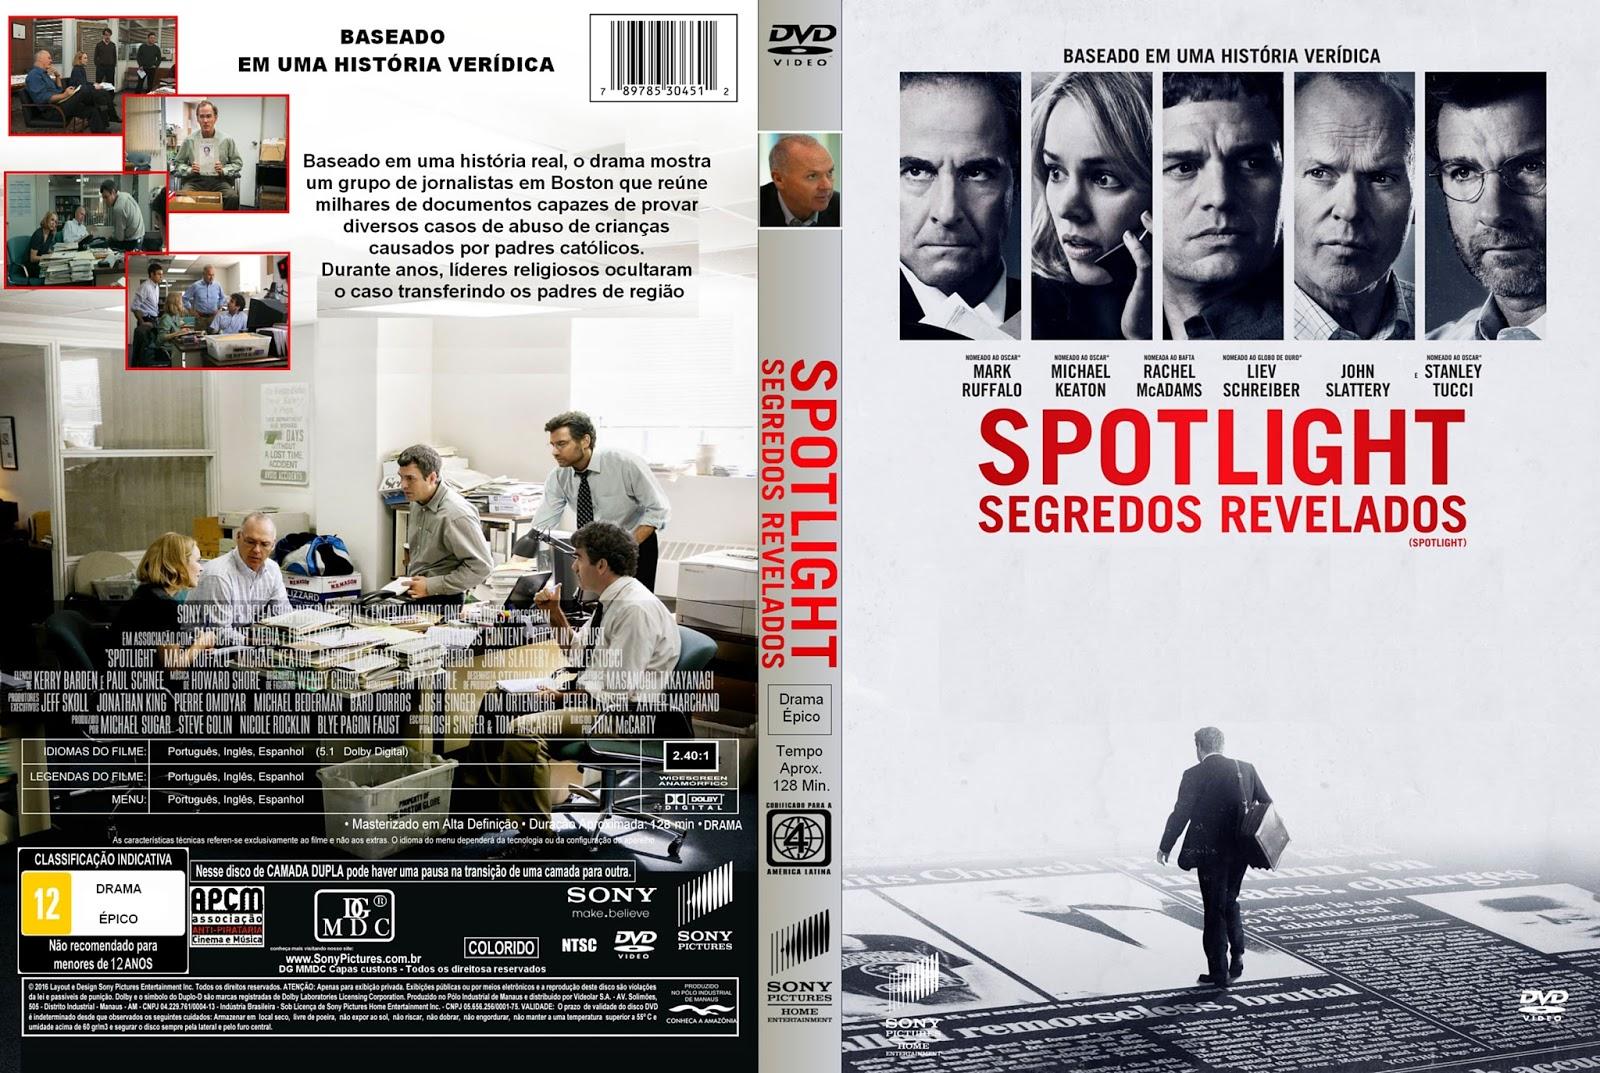 Spotlight Segredos Revelados BDRip XviD Dual Áudio Spotlight 2B  2BSegredos 2BRevelados